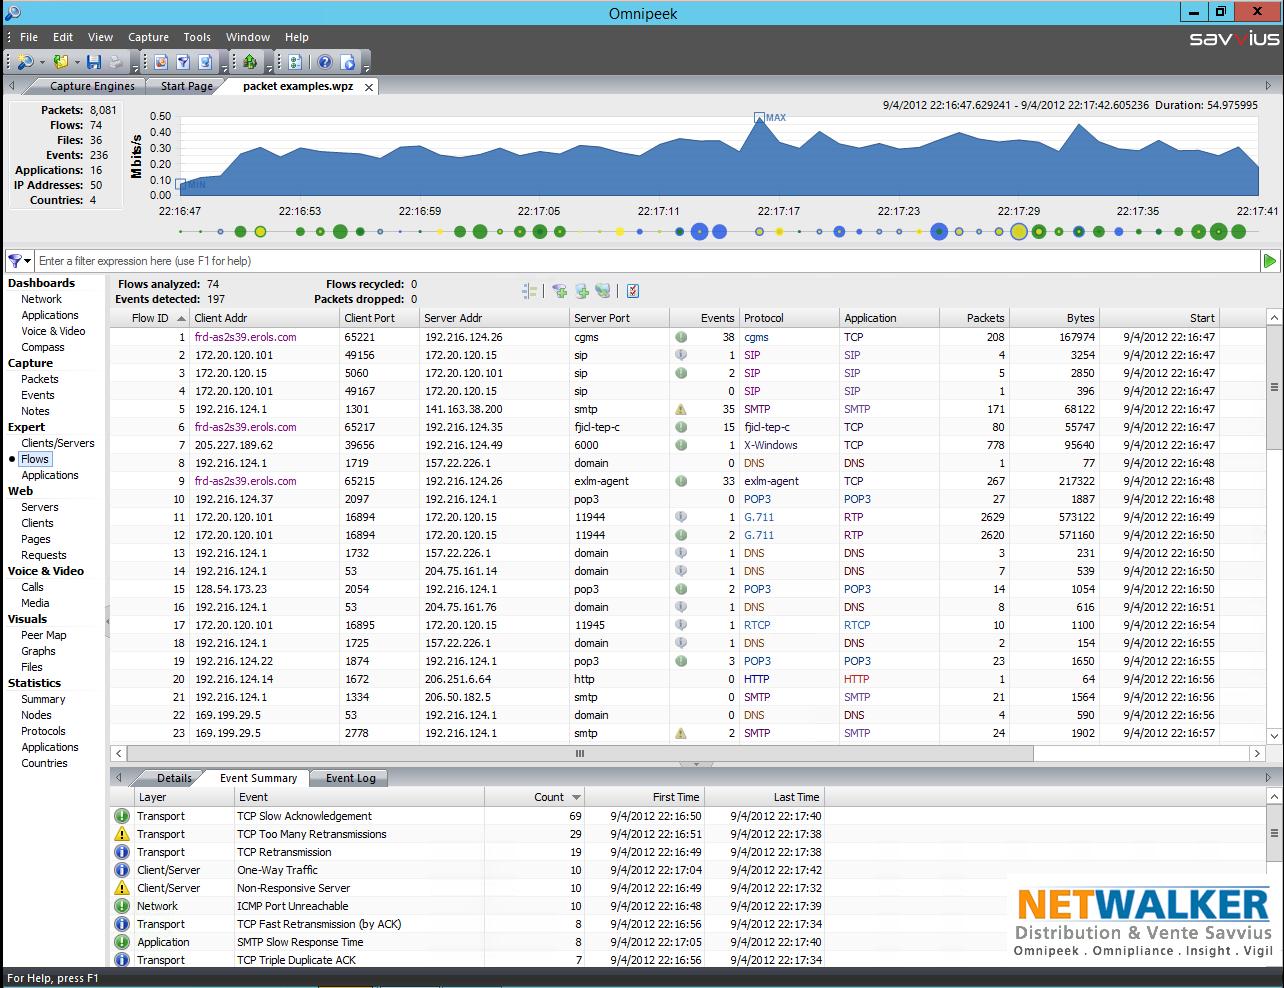 Le Système expert identifie un grand nombre de problèmes réseau